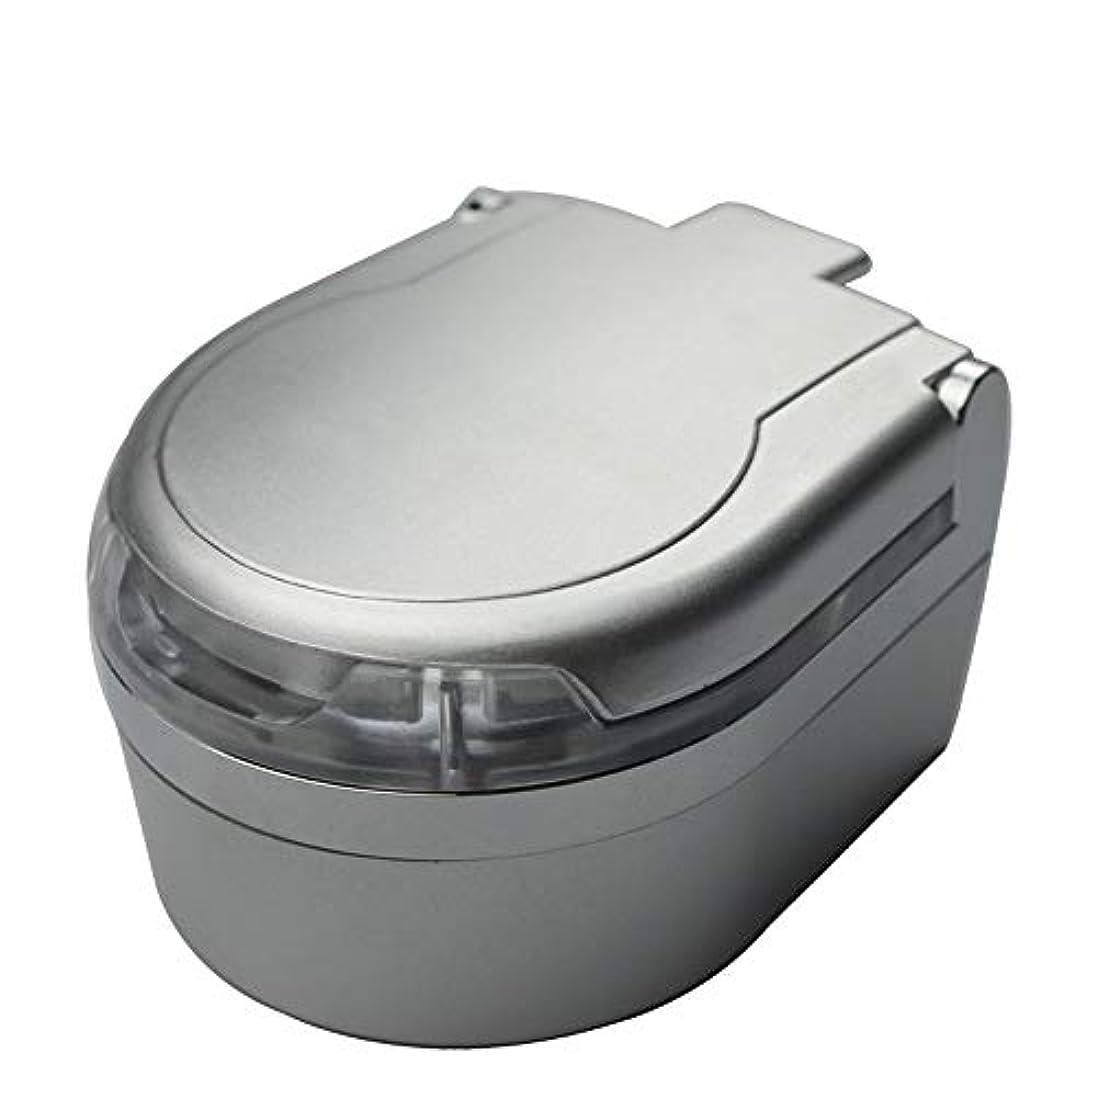 ストライド模索制約ふた付き3色オプションの車の灰皿クリエイティブ屋外灰皿 (色 : 銀)